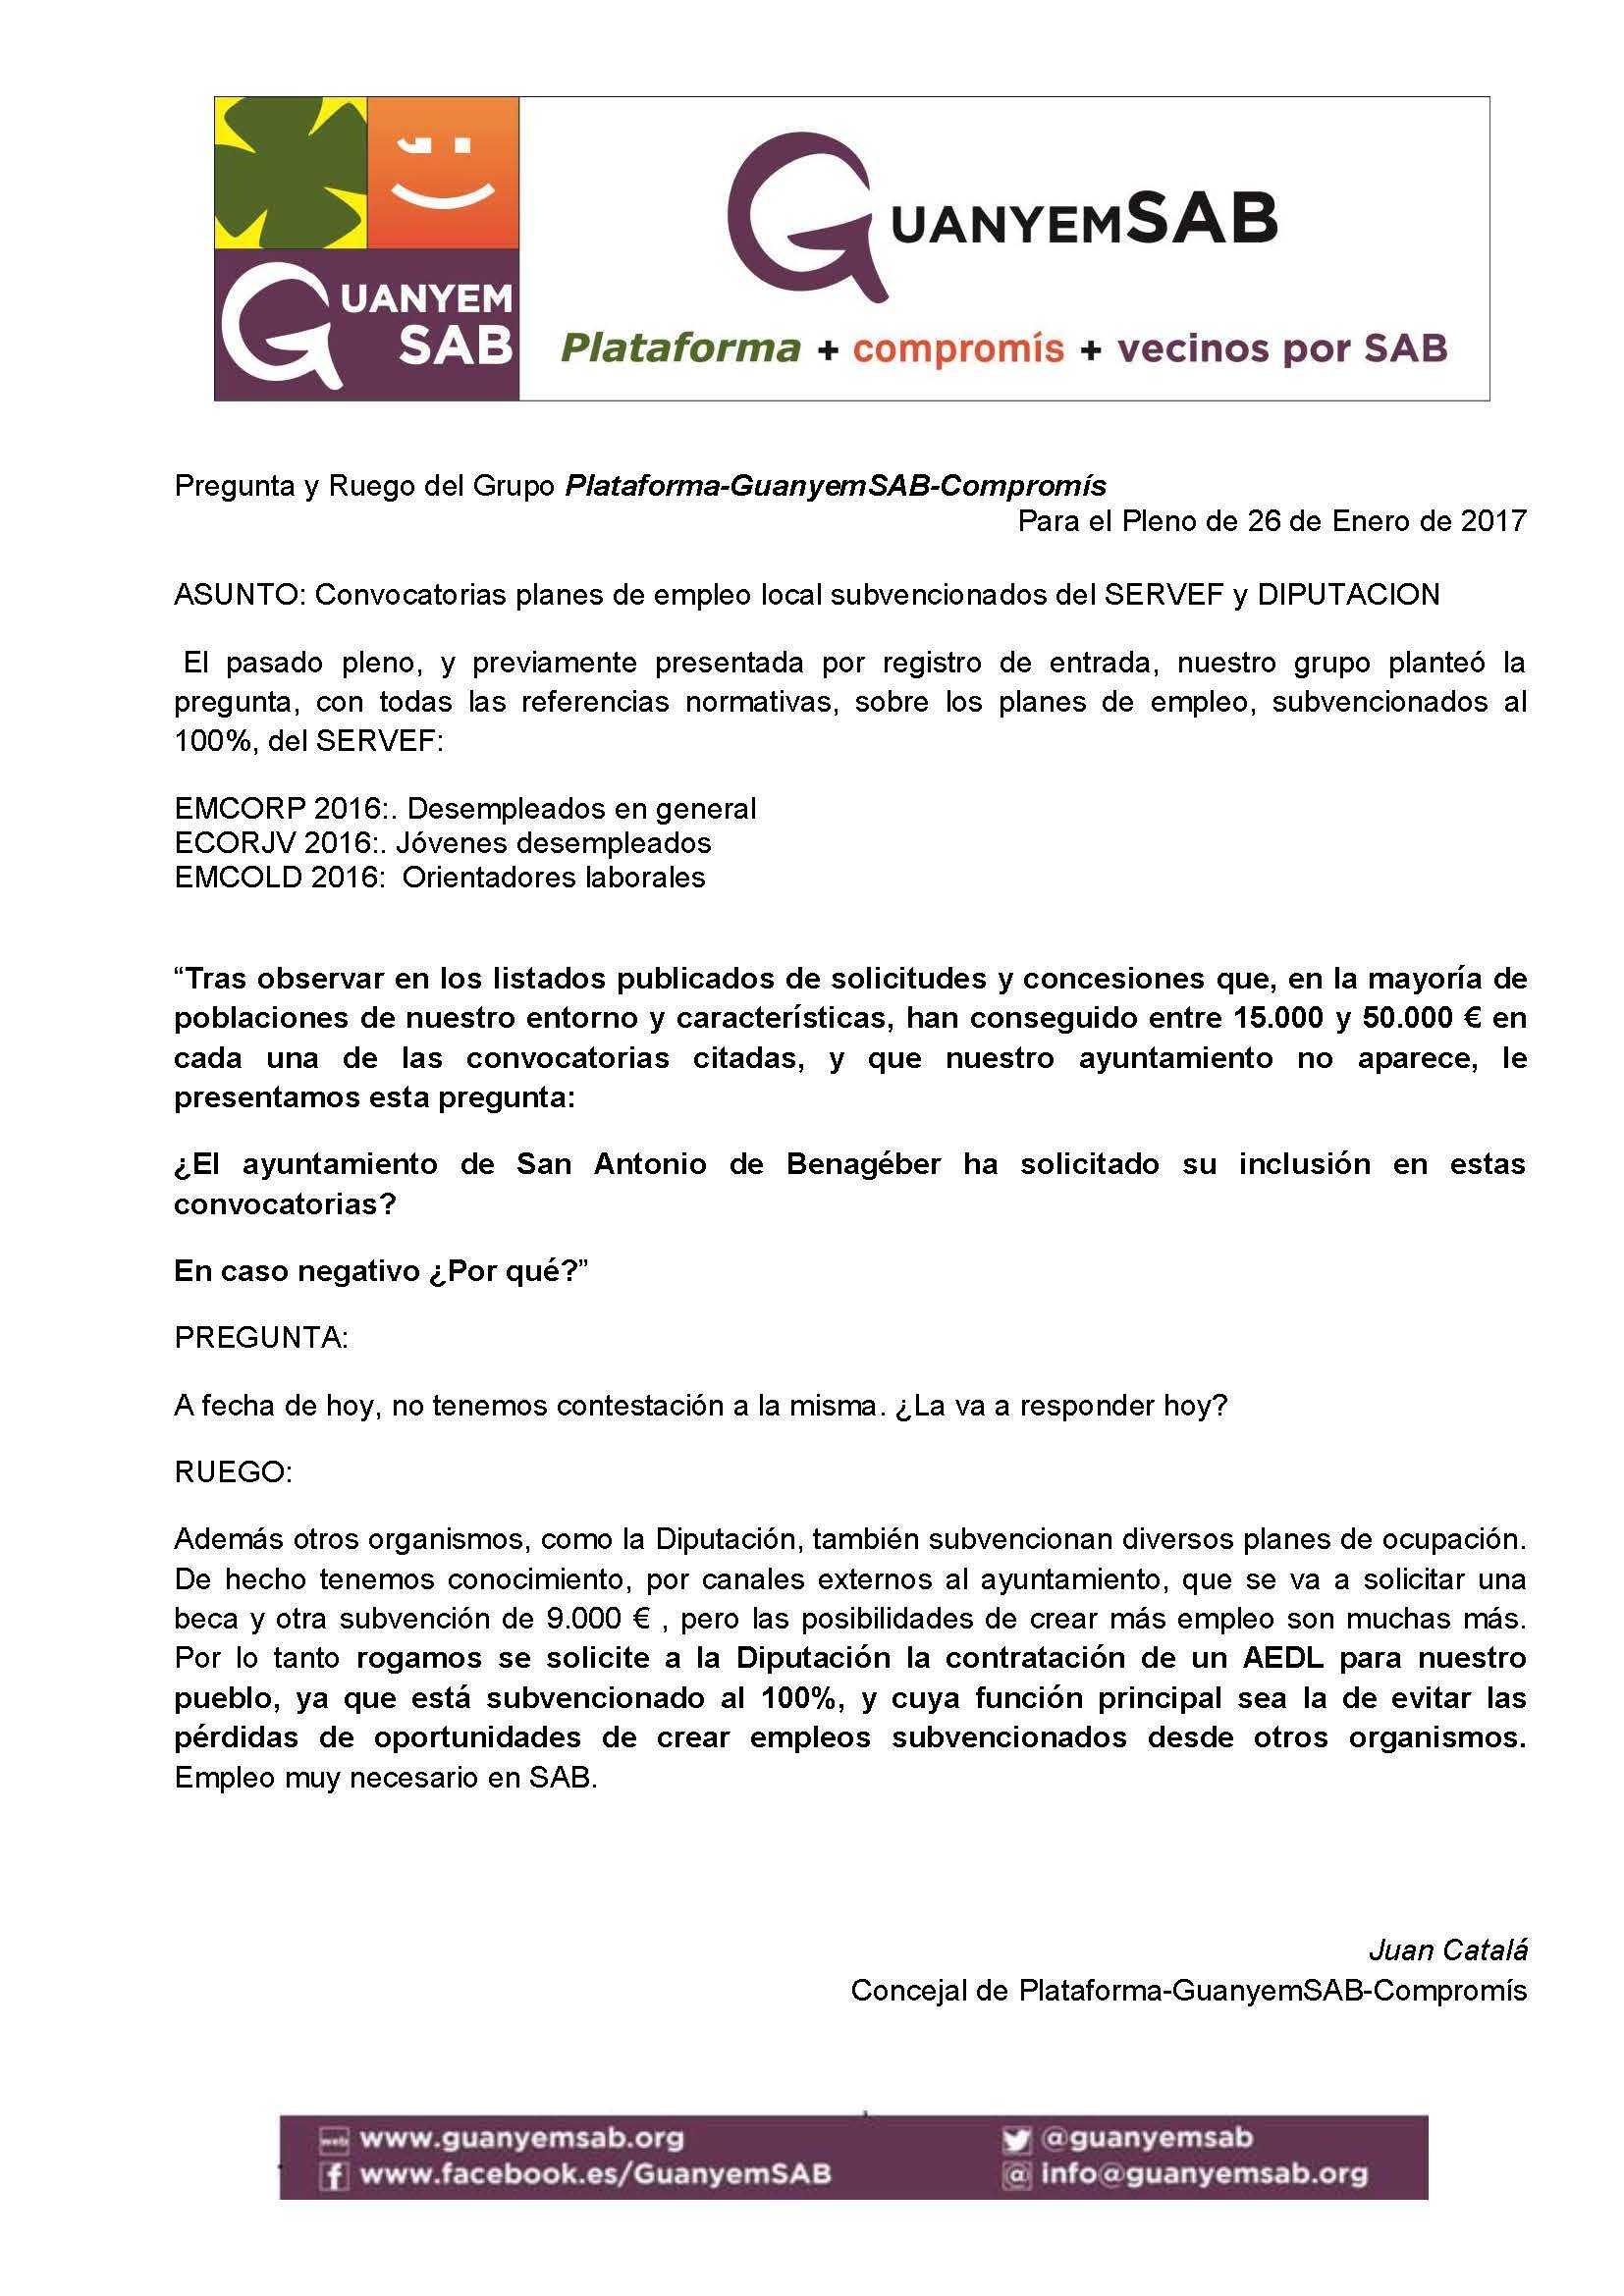 pregunta-planes-empleo-26-1-2017